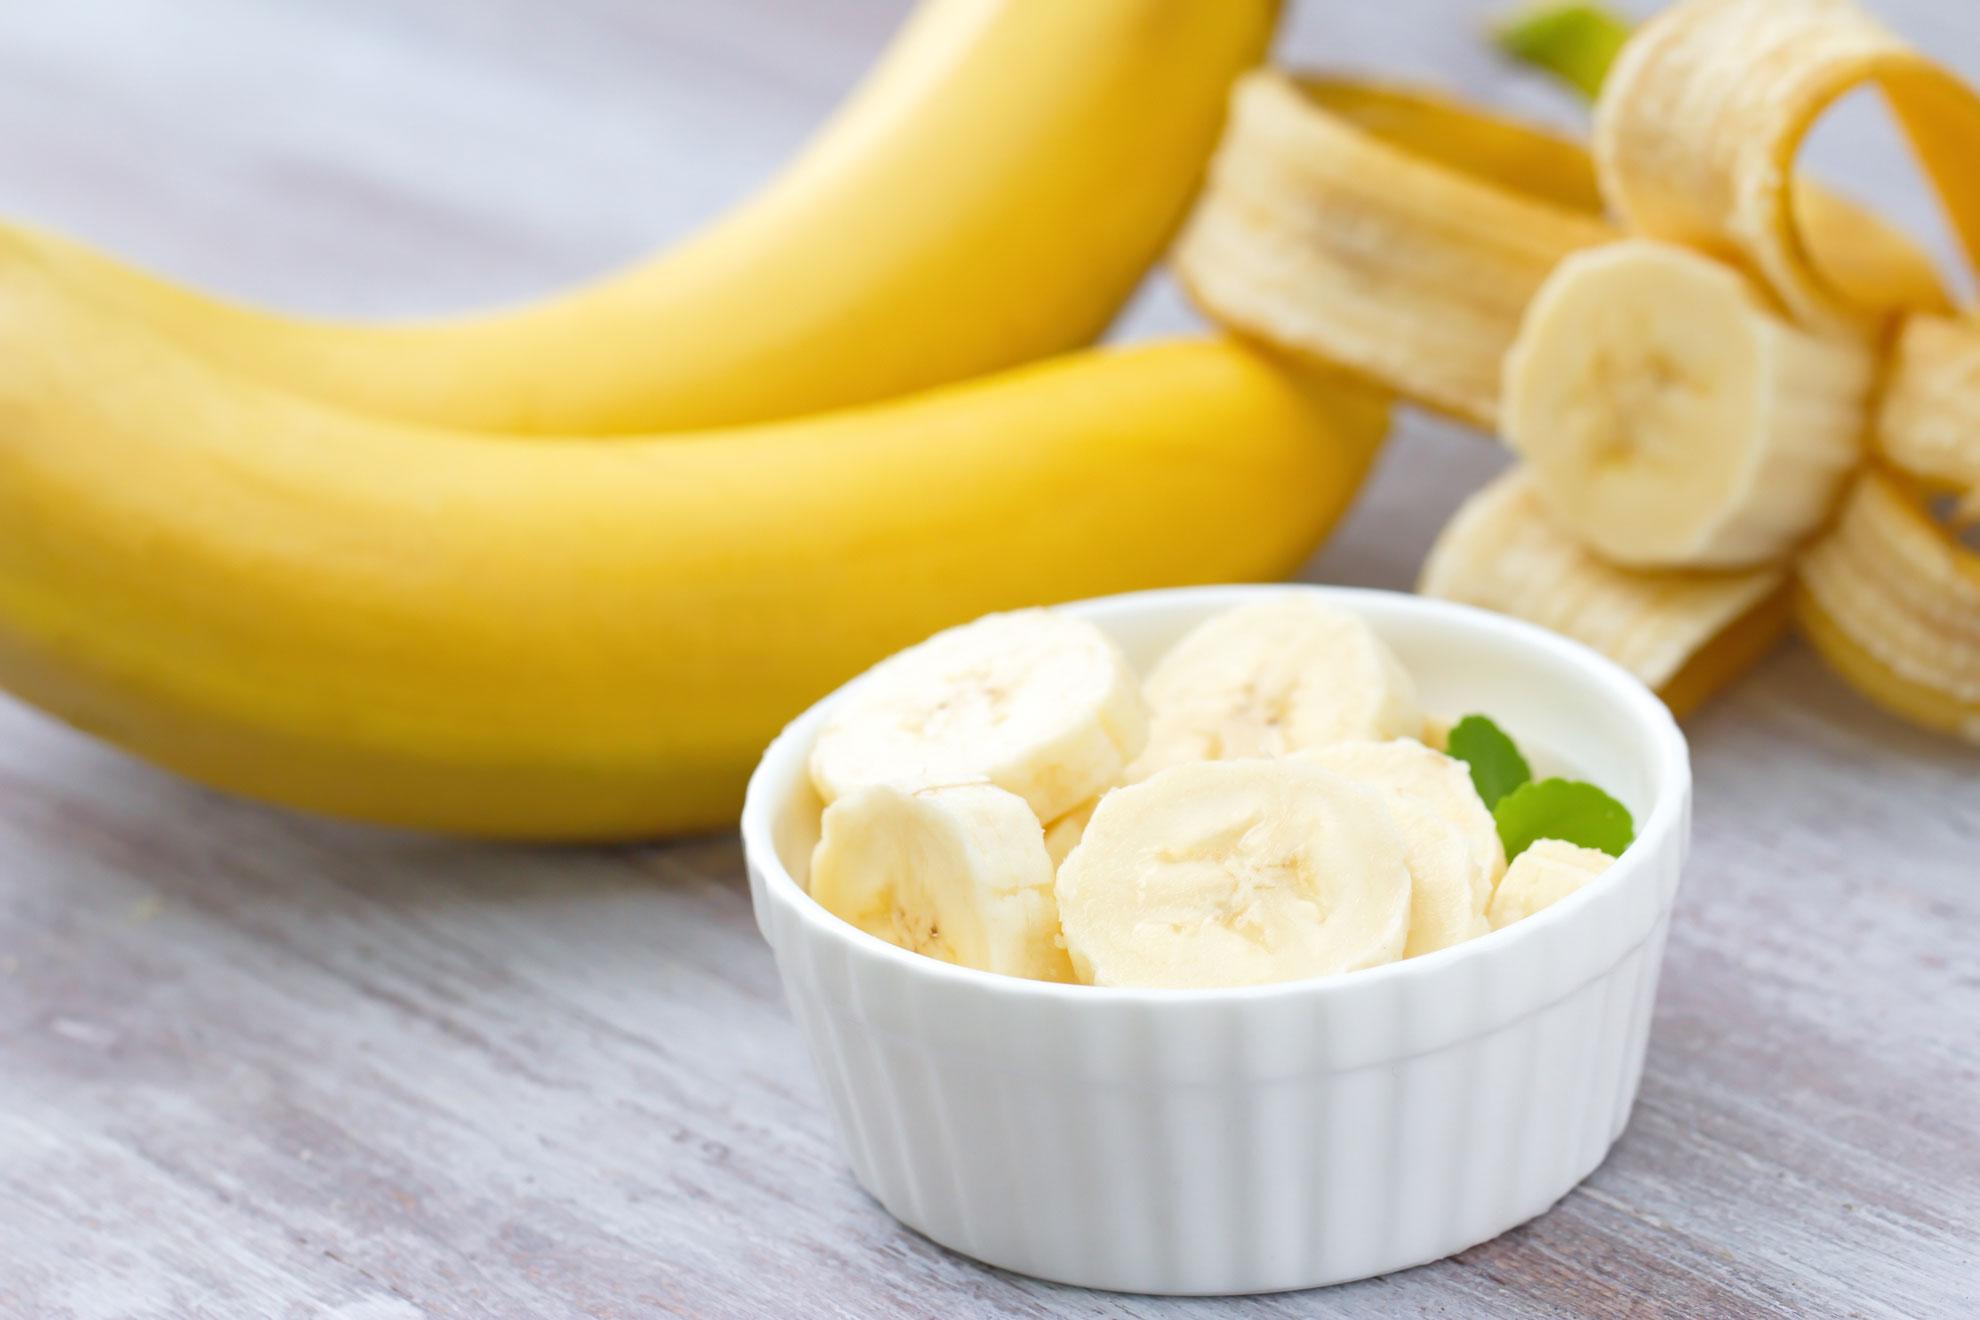 5 công thức sinh tố giảm cân bằng chuối vừa hiệu quả mà còn rất ngon! - Ảnh 1